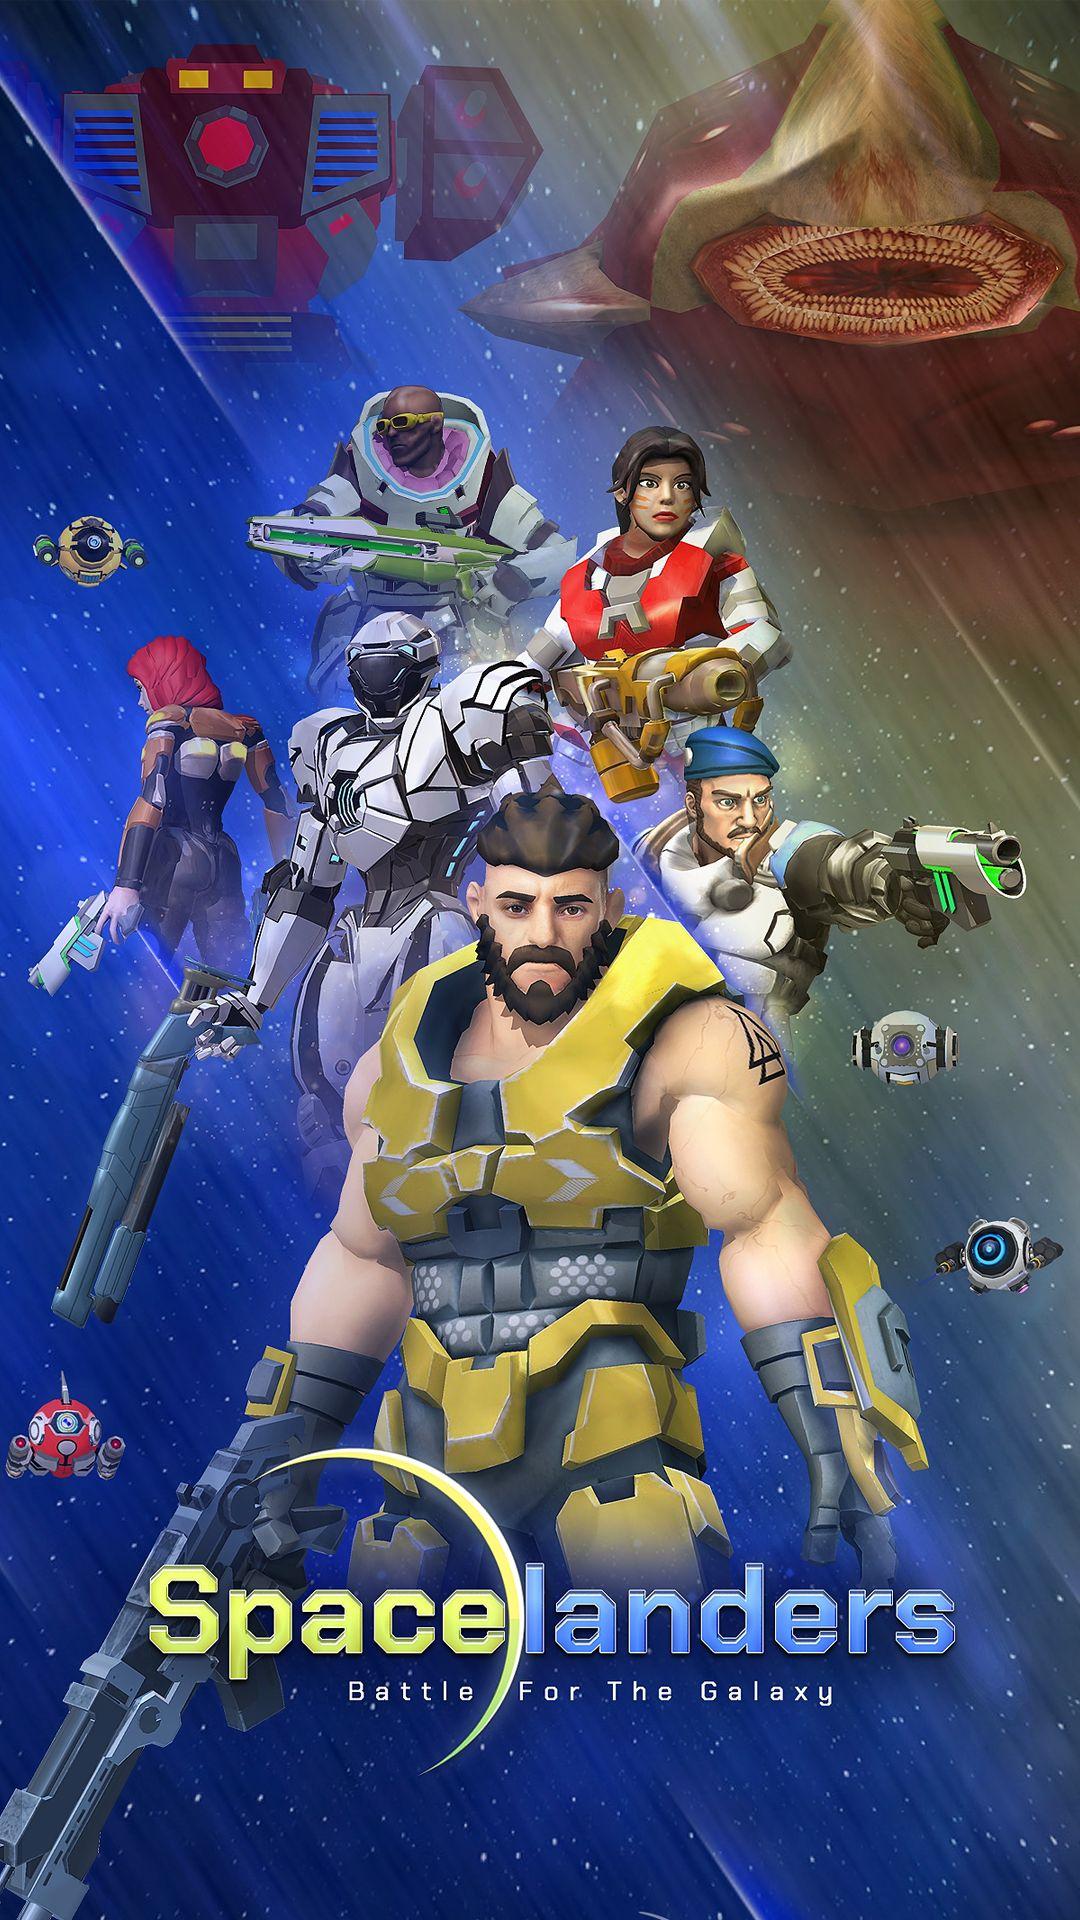 Spacelanders: 3D Sci-Fi Action RPG screenshot 1